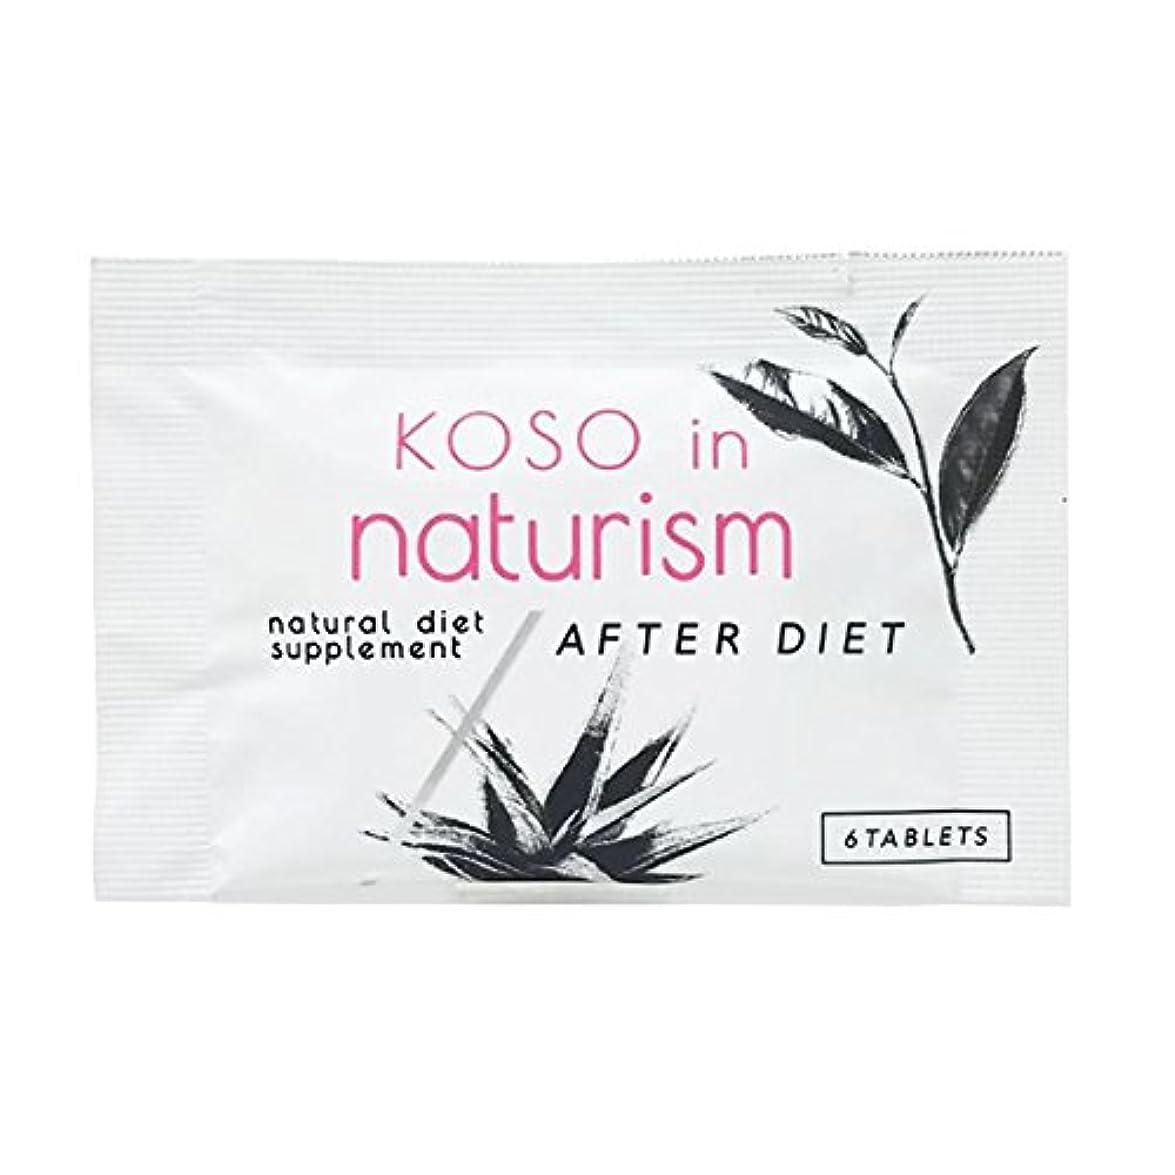 酵素 in ナチュリズム ピンク naturism pink 6粒入(約1日分)[健康補助食品][ダイエット][サプリメント]たっぷりの酵素をプラス!